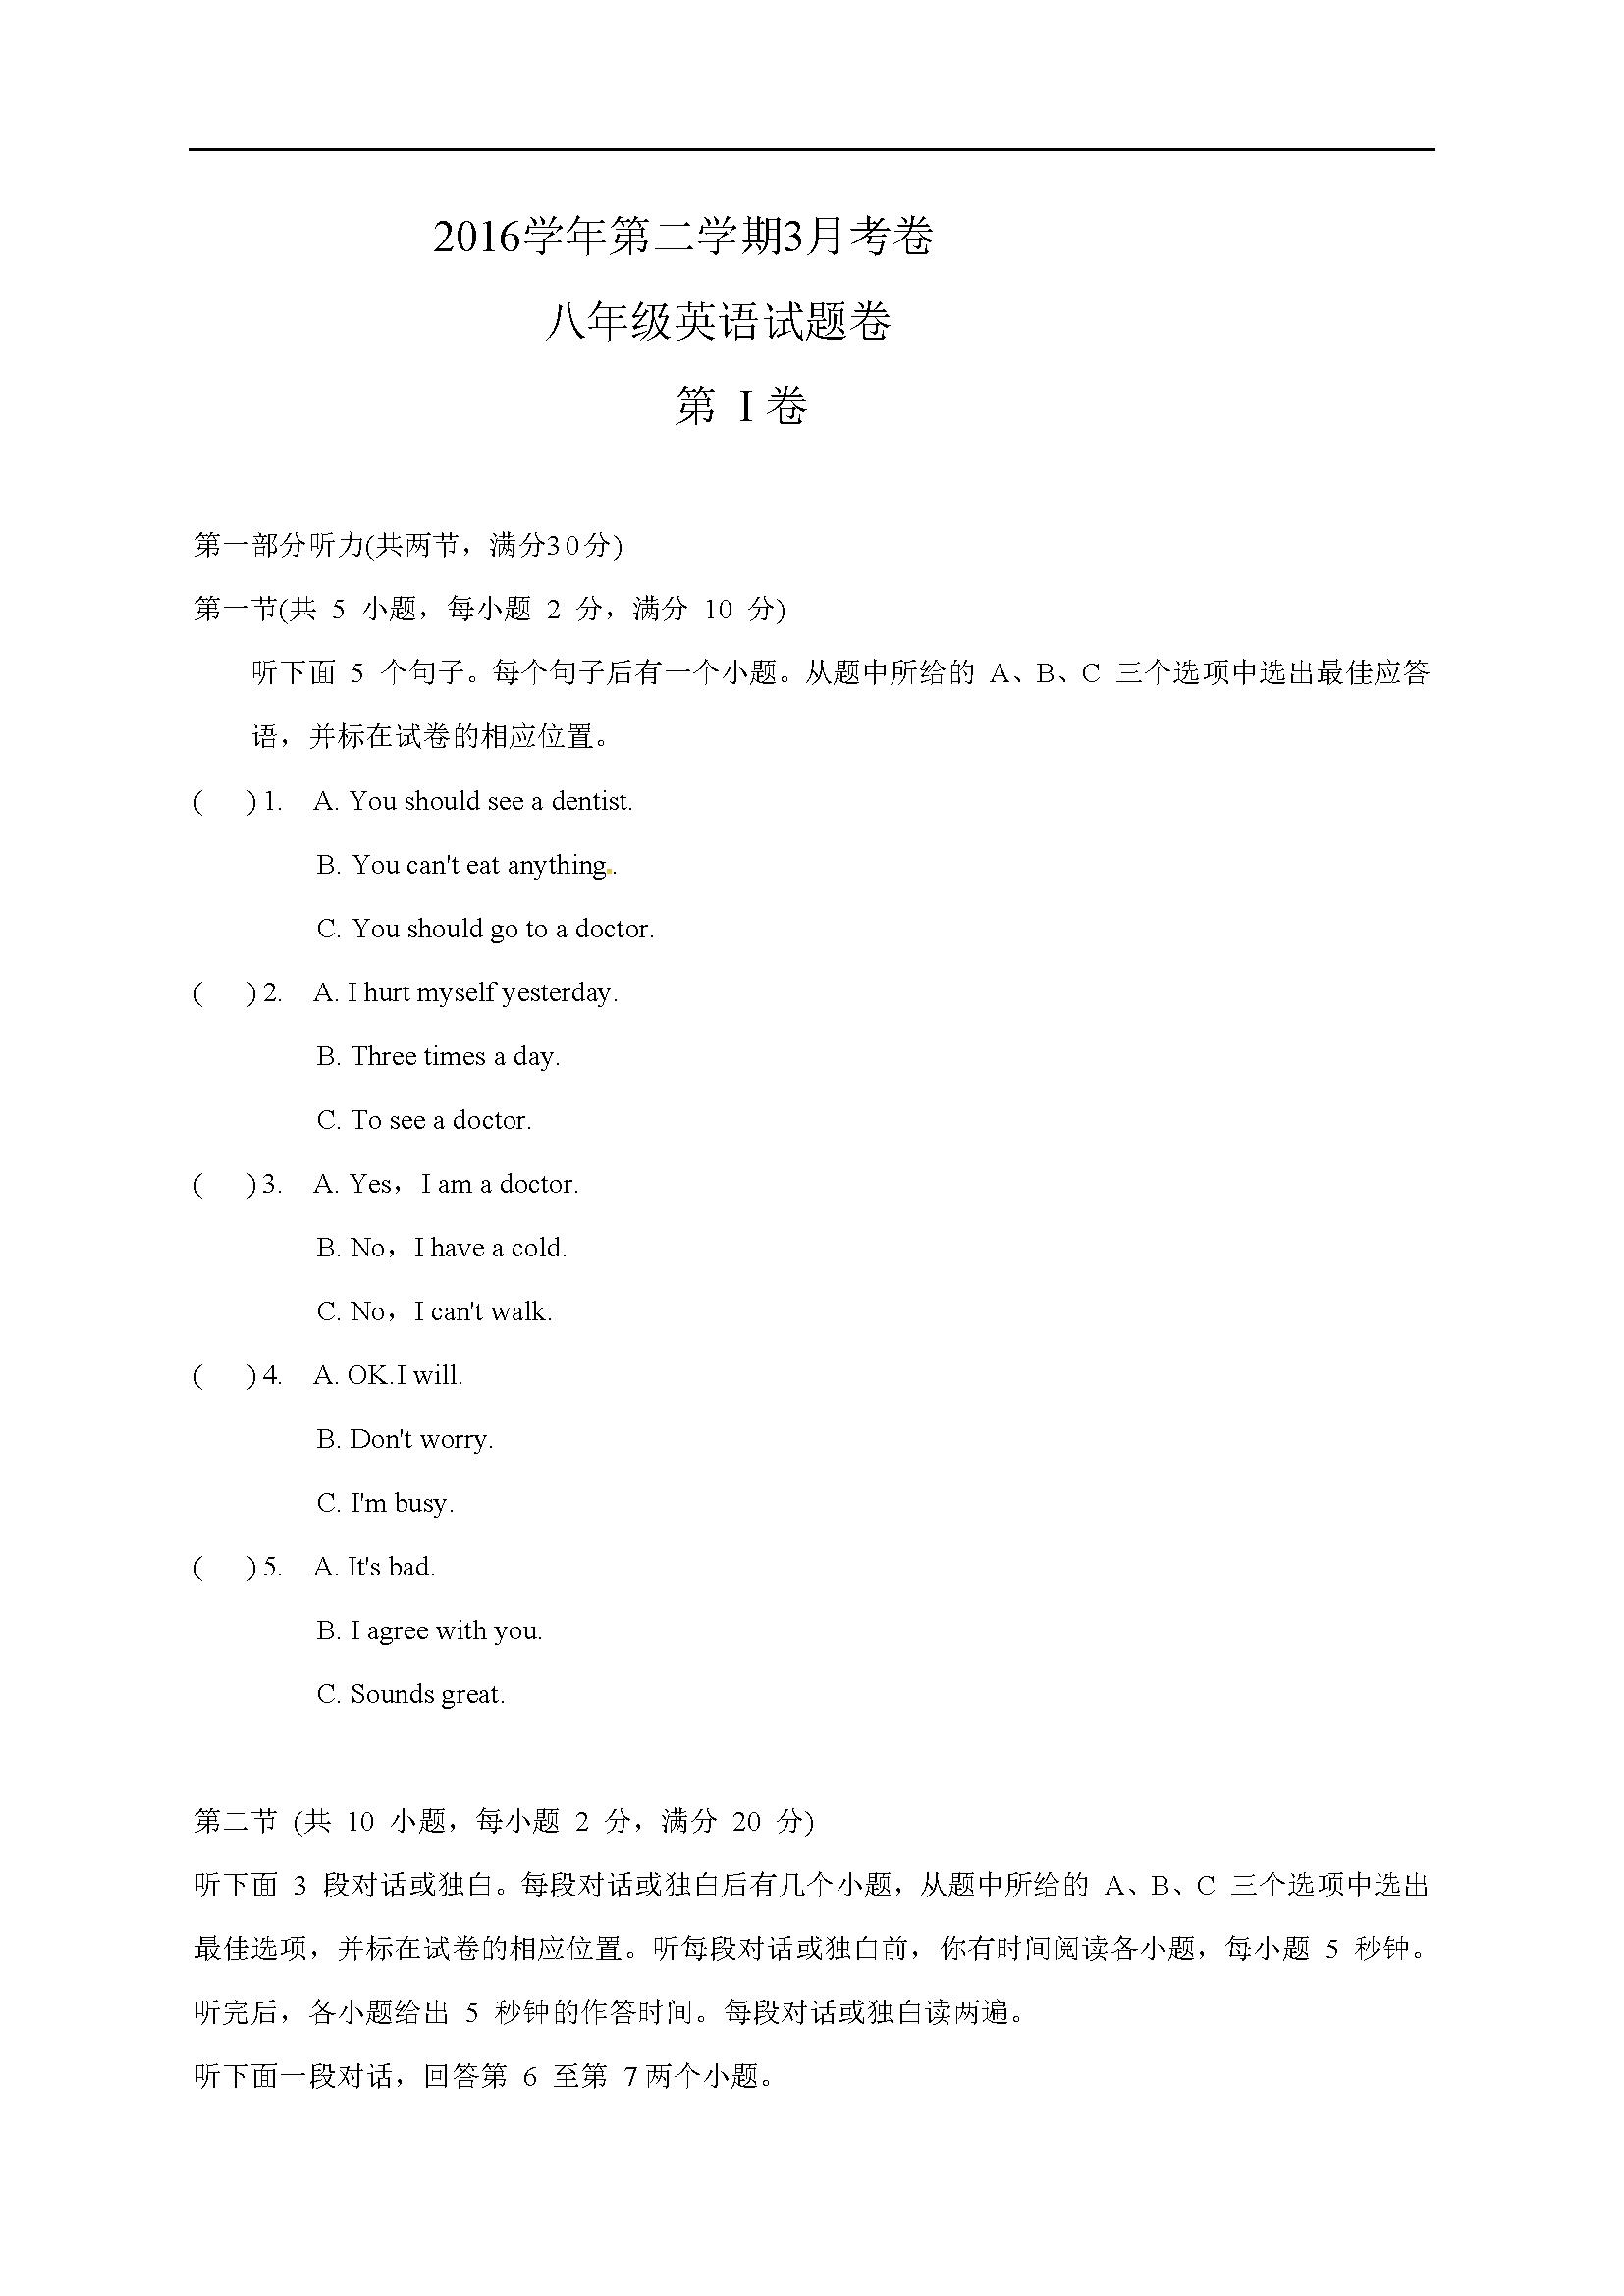 浙江杭州春蕾中学2016-2017八年级3月月考英语试题(图片版)